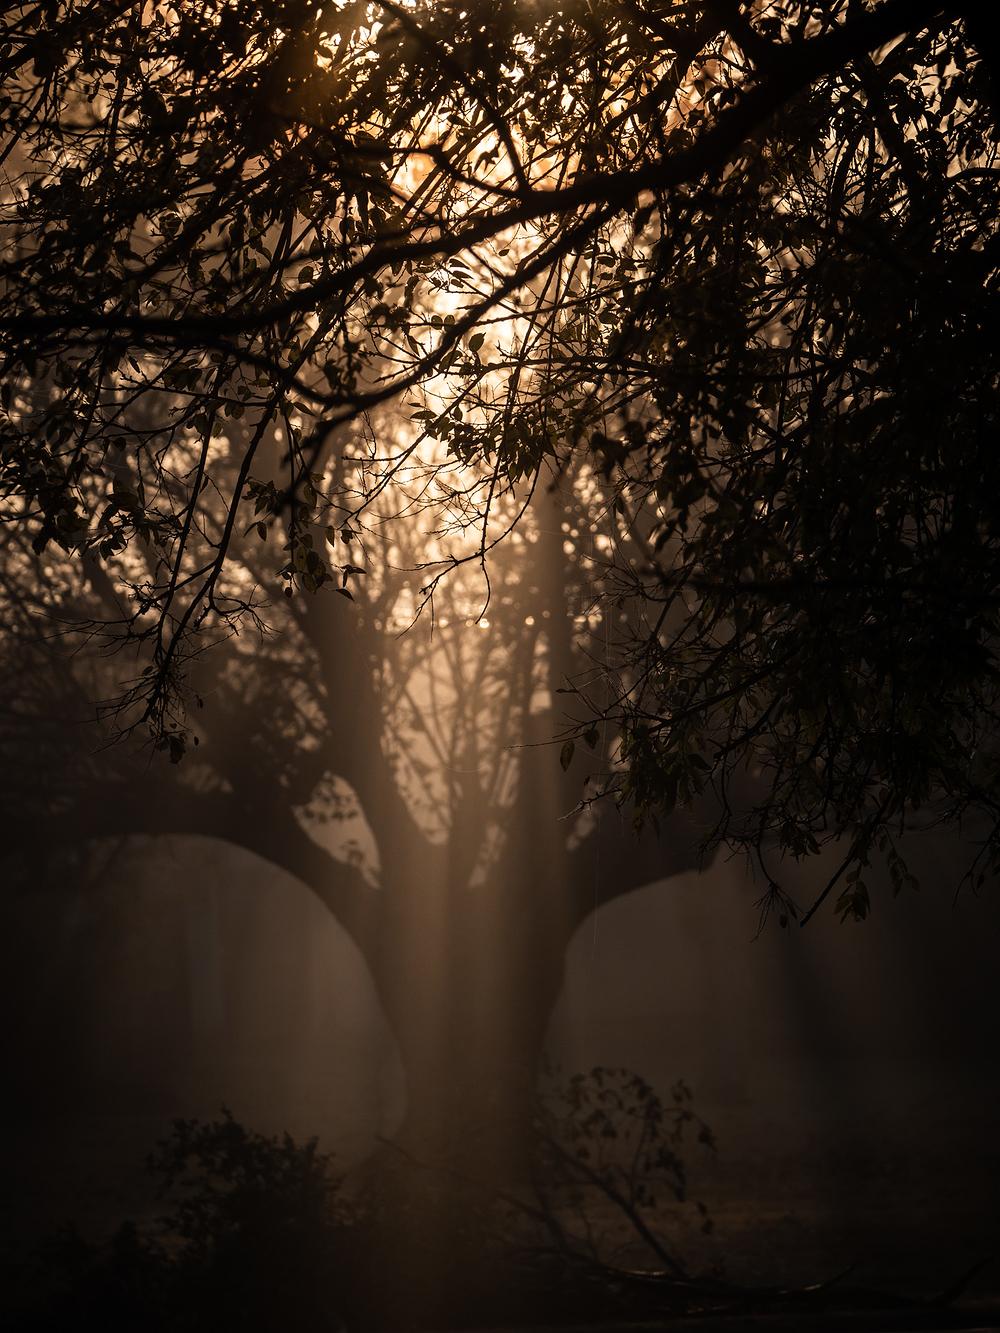 through dark branch